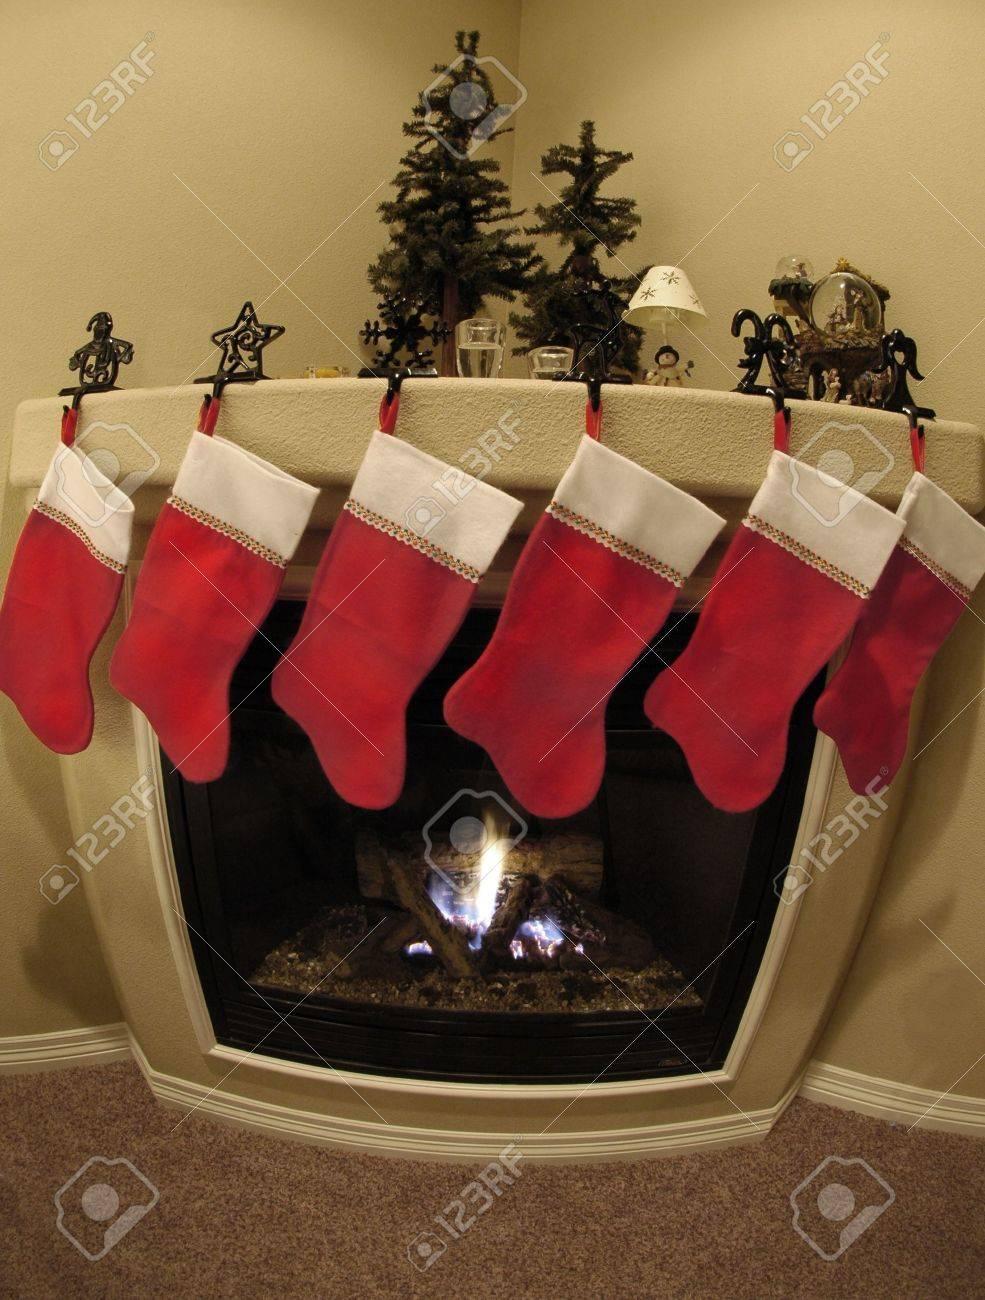 Front Zimmer Dekoriert Für Weihnachten Mit Weihnachten Strümpfe Und ...